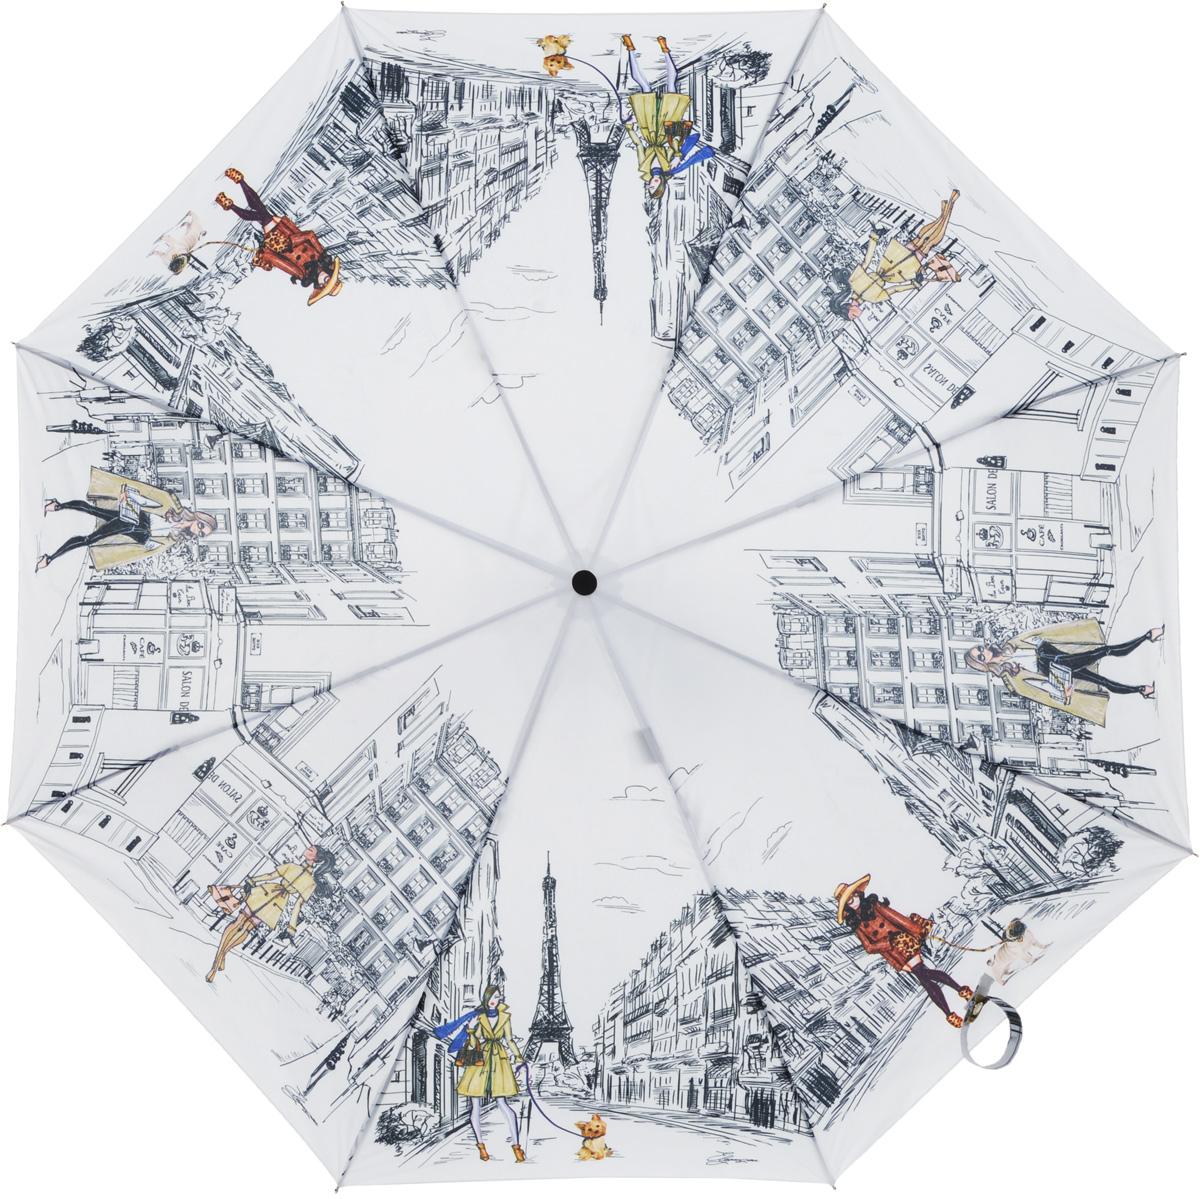 Зонт женский Eleganzza, автомат, 3 сложения, цвет: белый. A3-05-0268LSA3-05-0268LSЖенский зонт-автомат торговой марки ELEGANZZA с каркасом Smart, который позволяет без особых усилий складывать зонт, не позволяя стержню вылетать обратно. Купол: 100% полиэстер, эпонж. Материал каркаса: сталь + алюминий + фибергласс. Материал ручки: пластик. Длина изделия - 30 см. Диаметр купола - 105 см. Система Smart, не позволяет стержню при сложении вылететь обратно, это облегчает сложение зонта! При сложении есть характерный звук-треск, как трещетка. Примечание: зонт не откроется с кнопки если его не закрыть до щелчка!